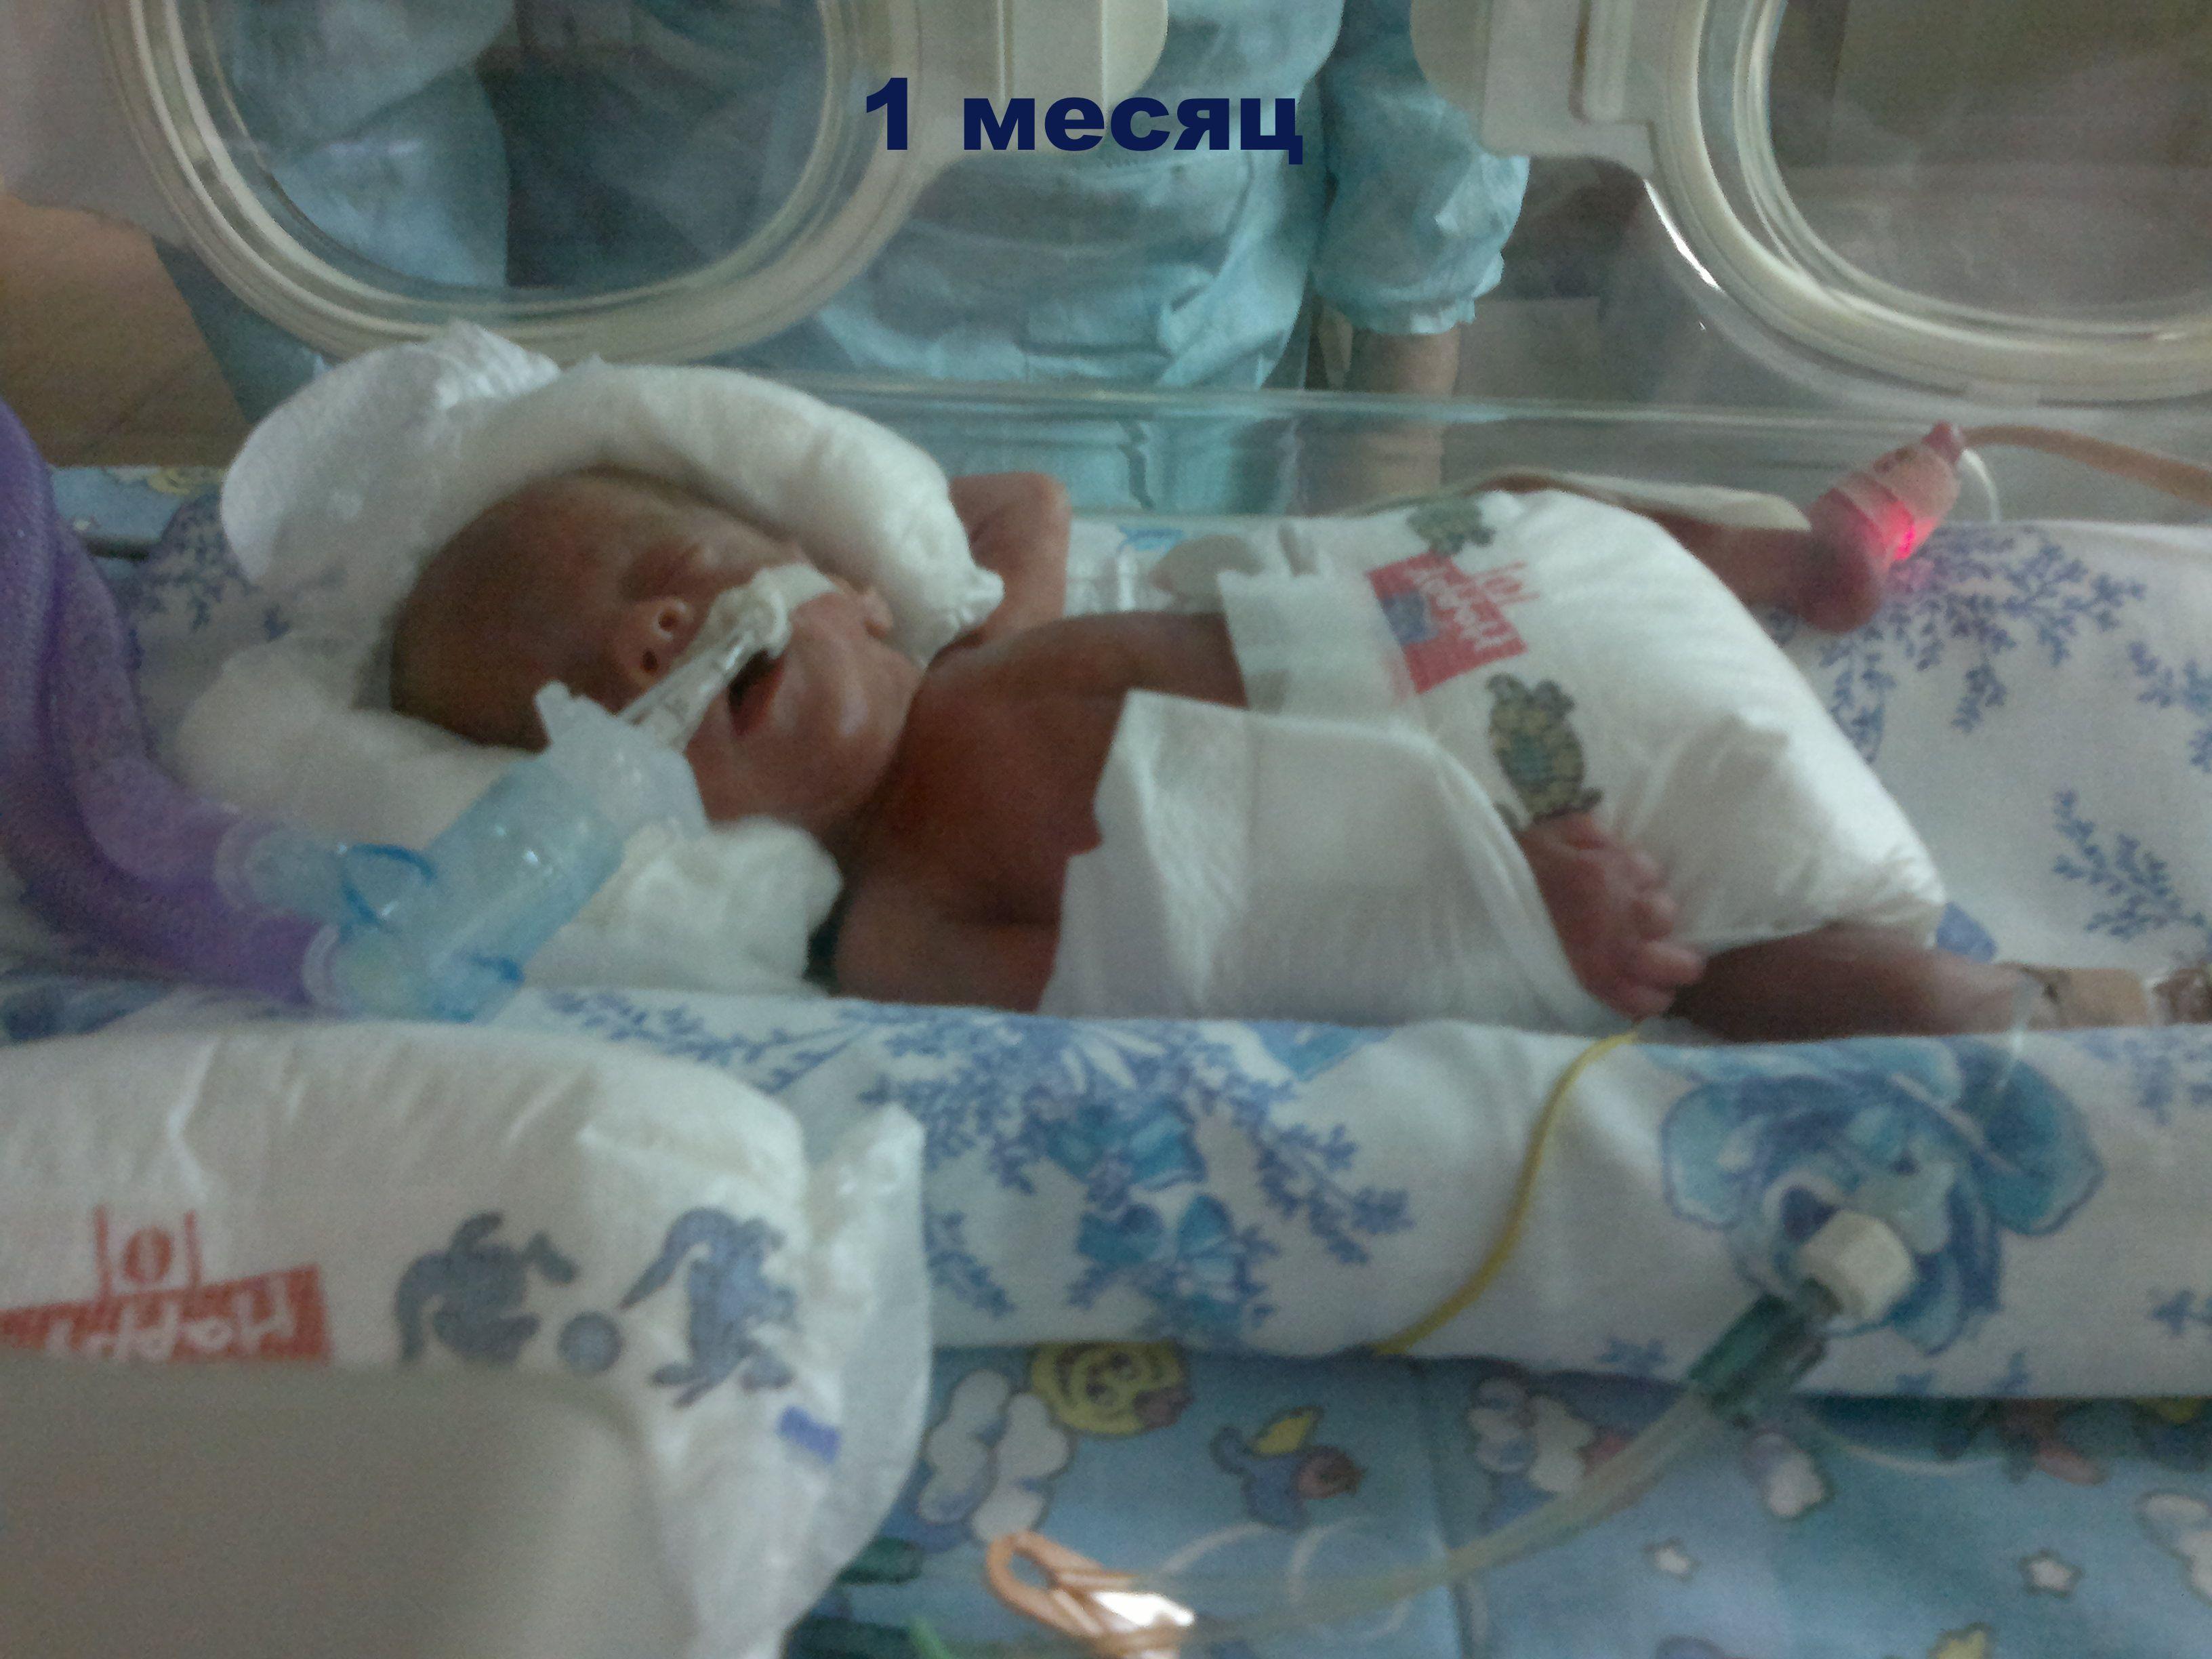 Фото недоношенных детей в реанимации